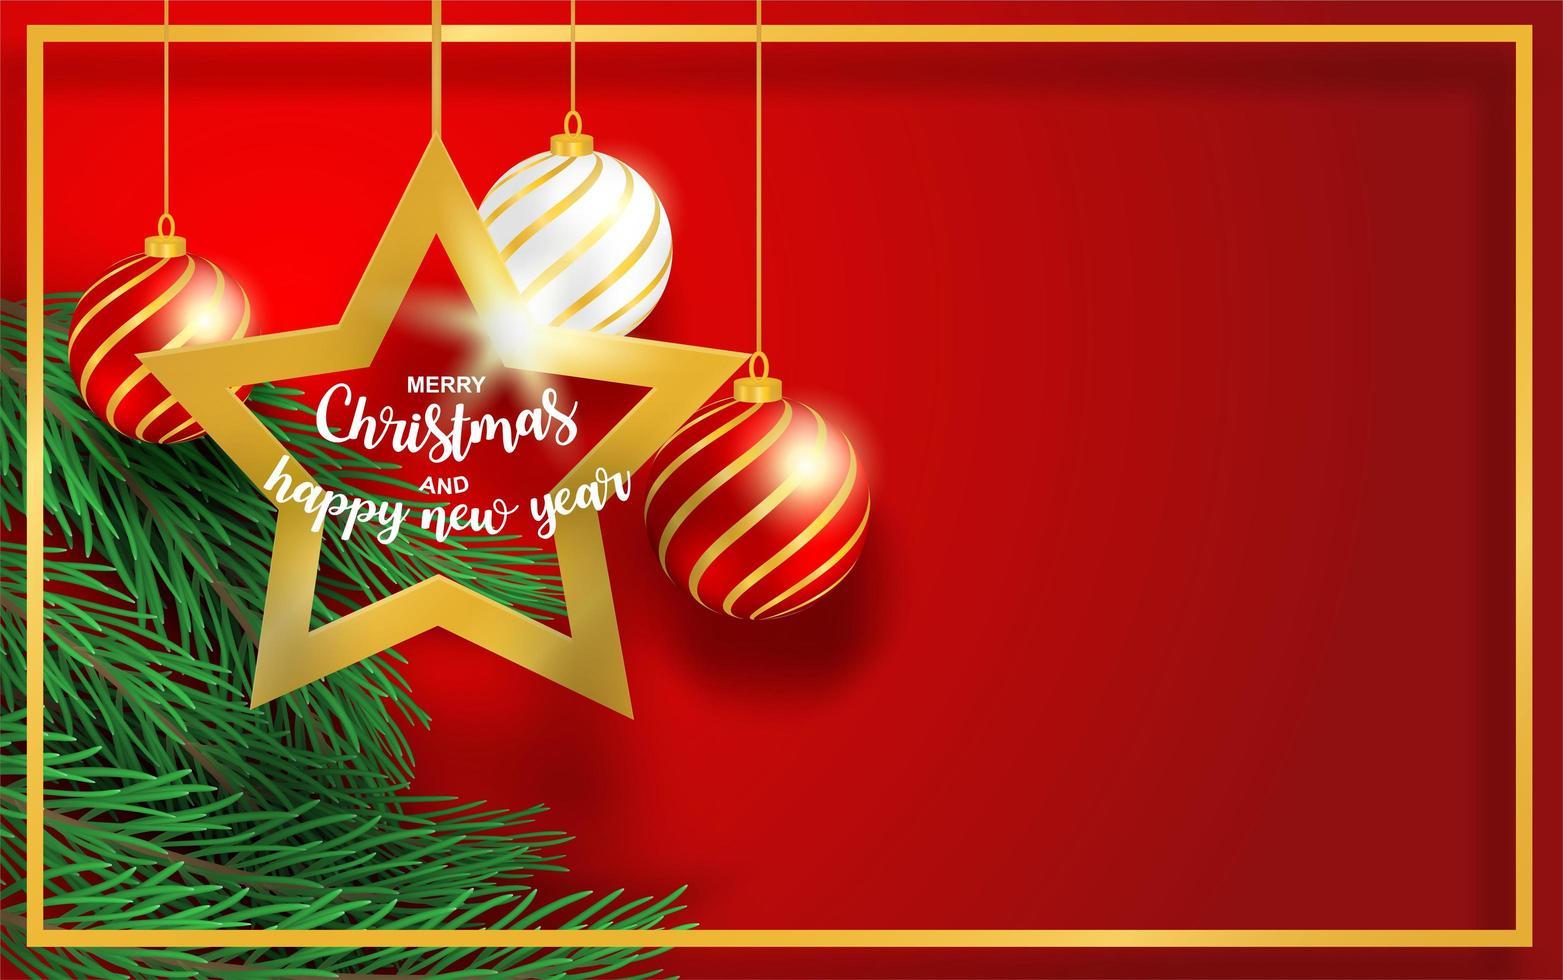 desenho de natal com ramos, estrela e bola no vermelho vetor